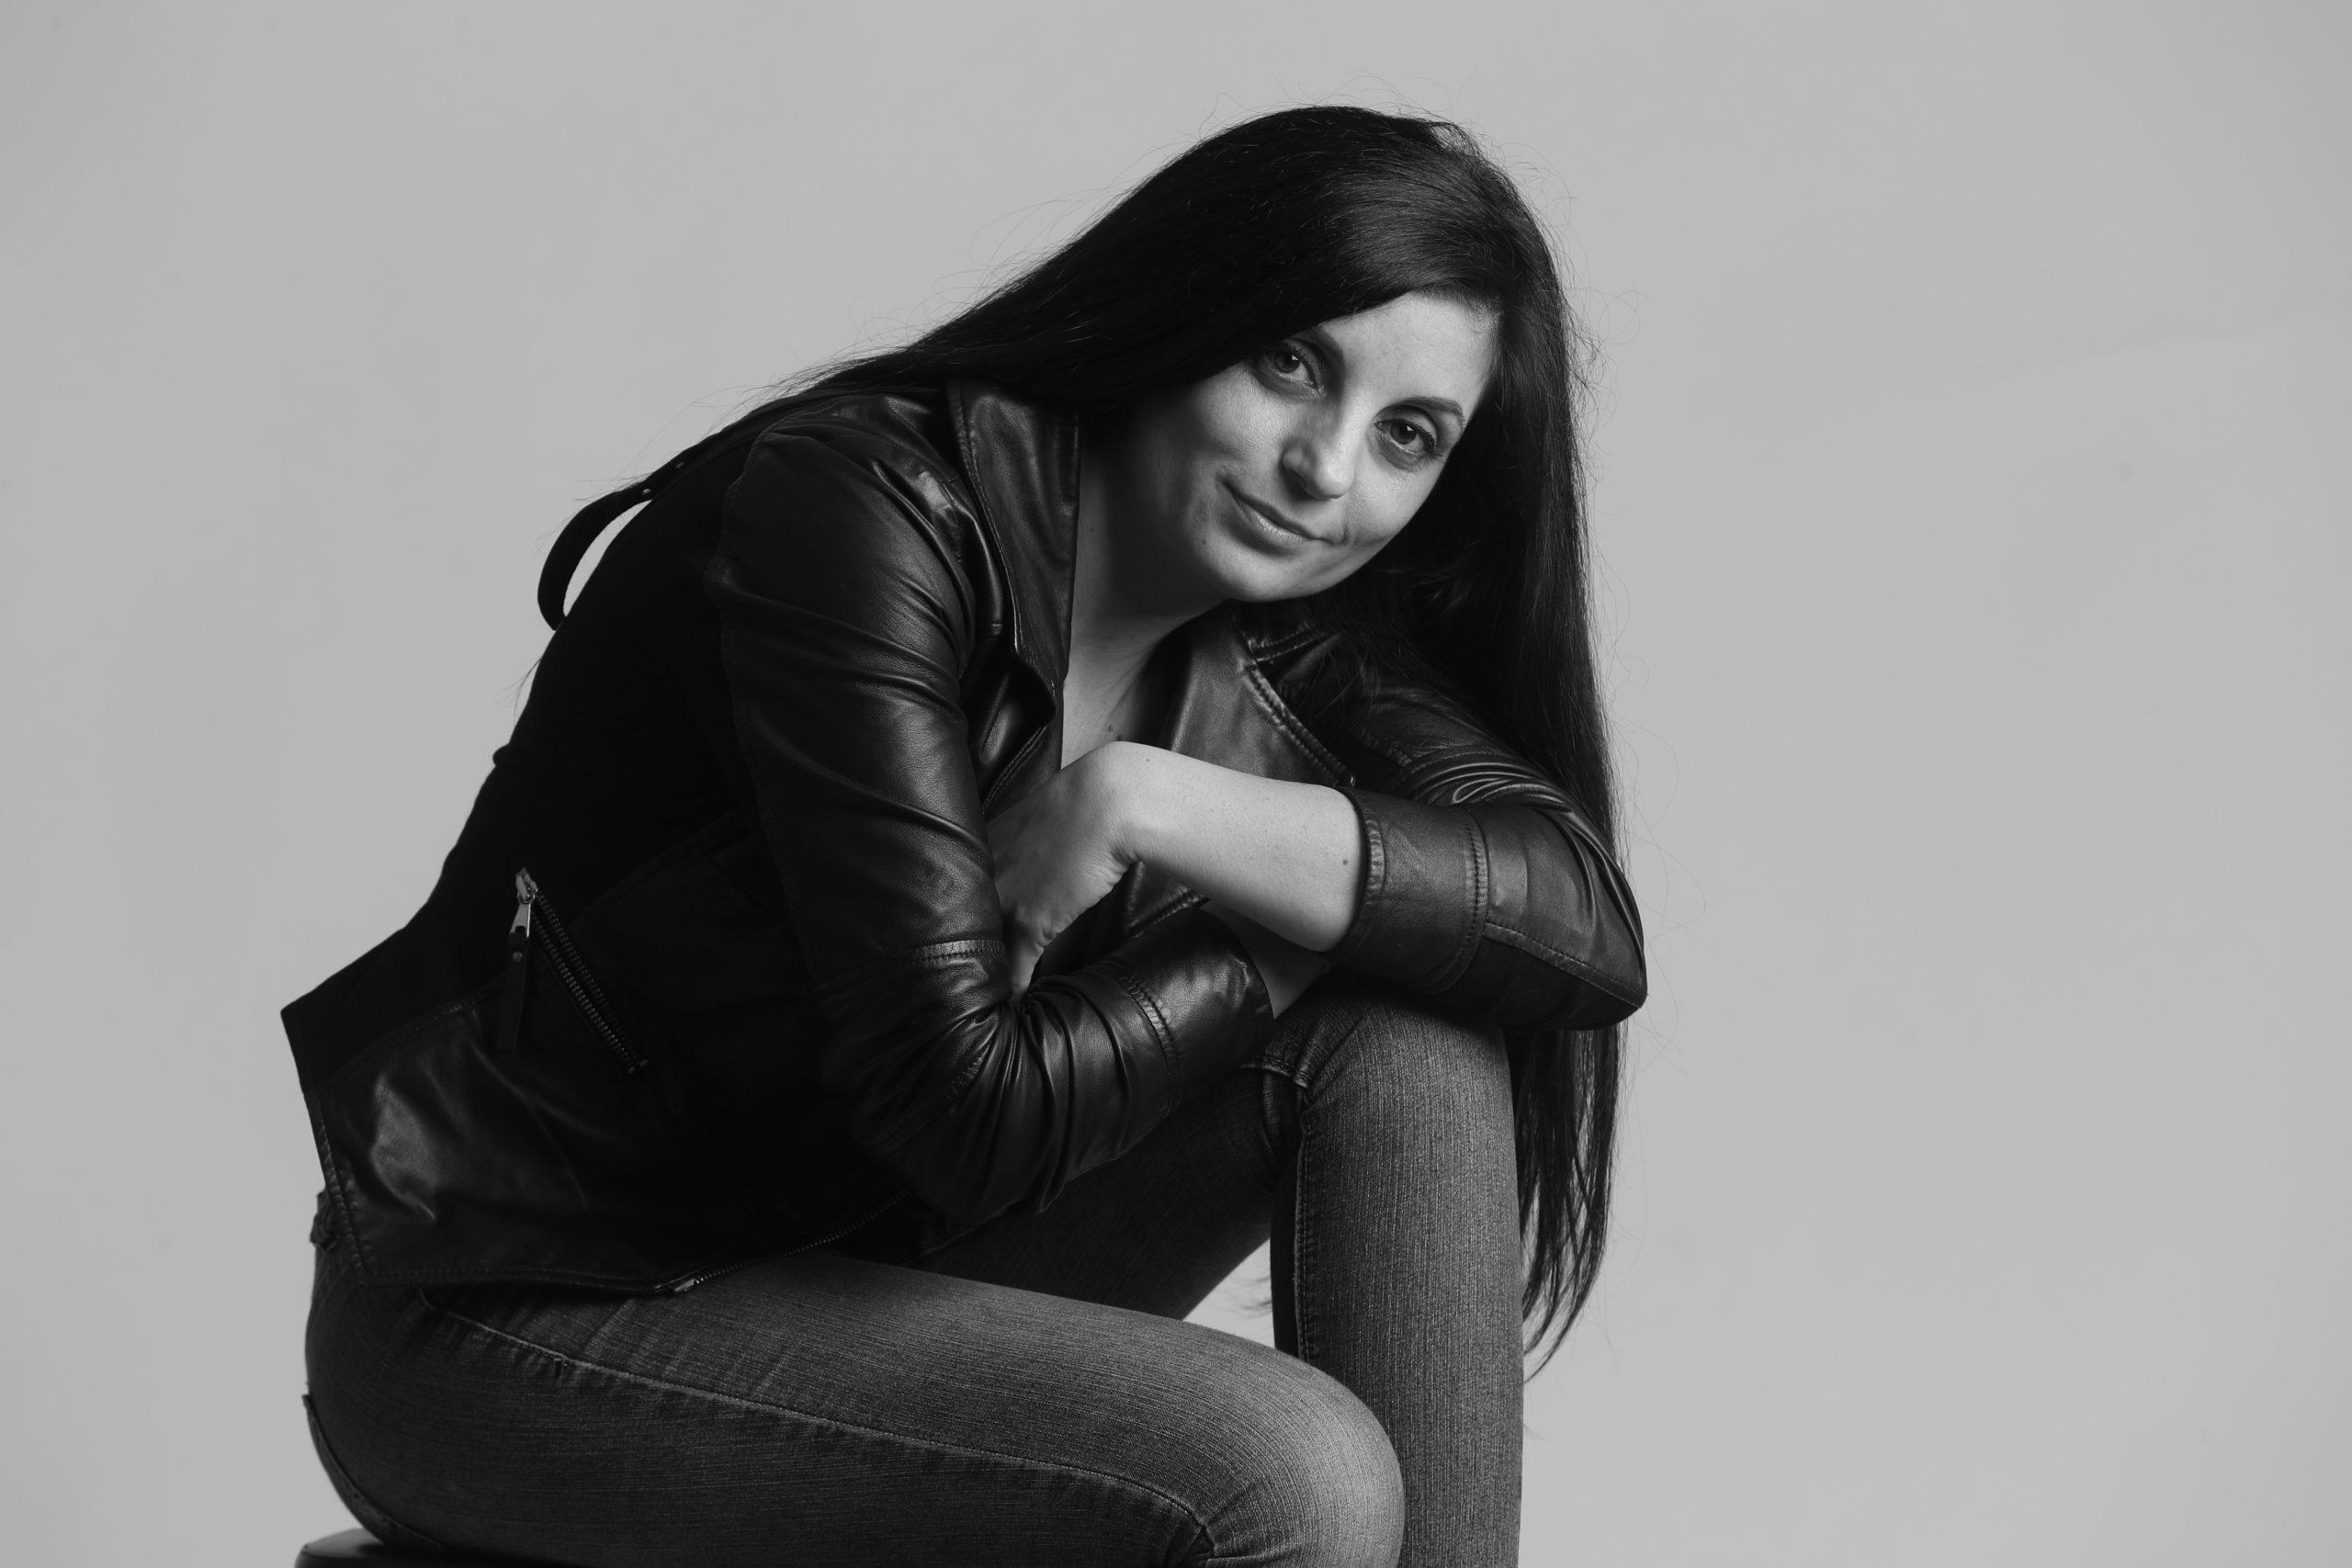 Cristina Raffaele